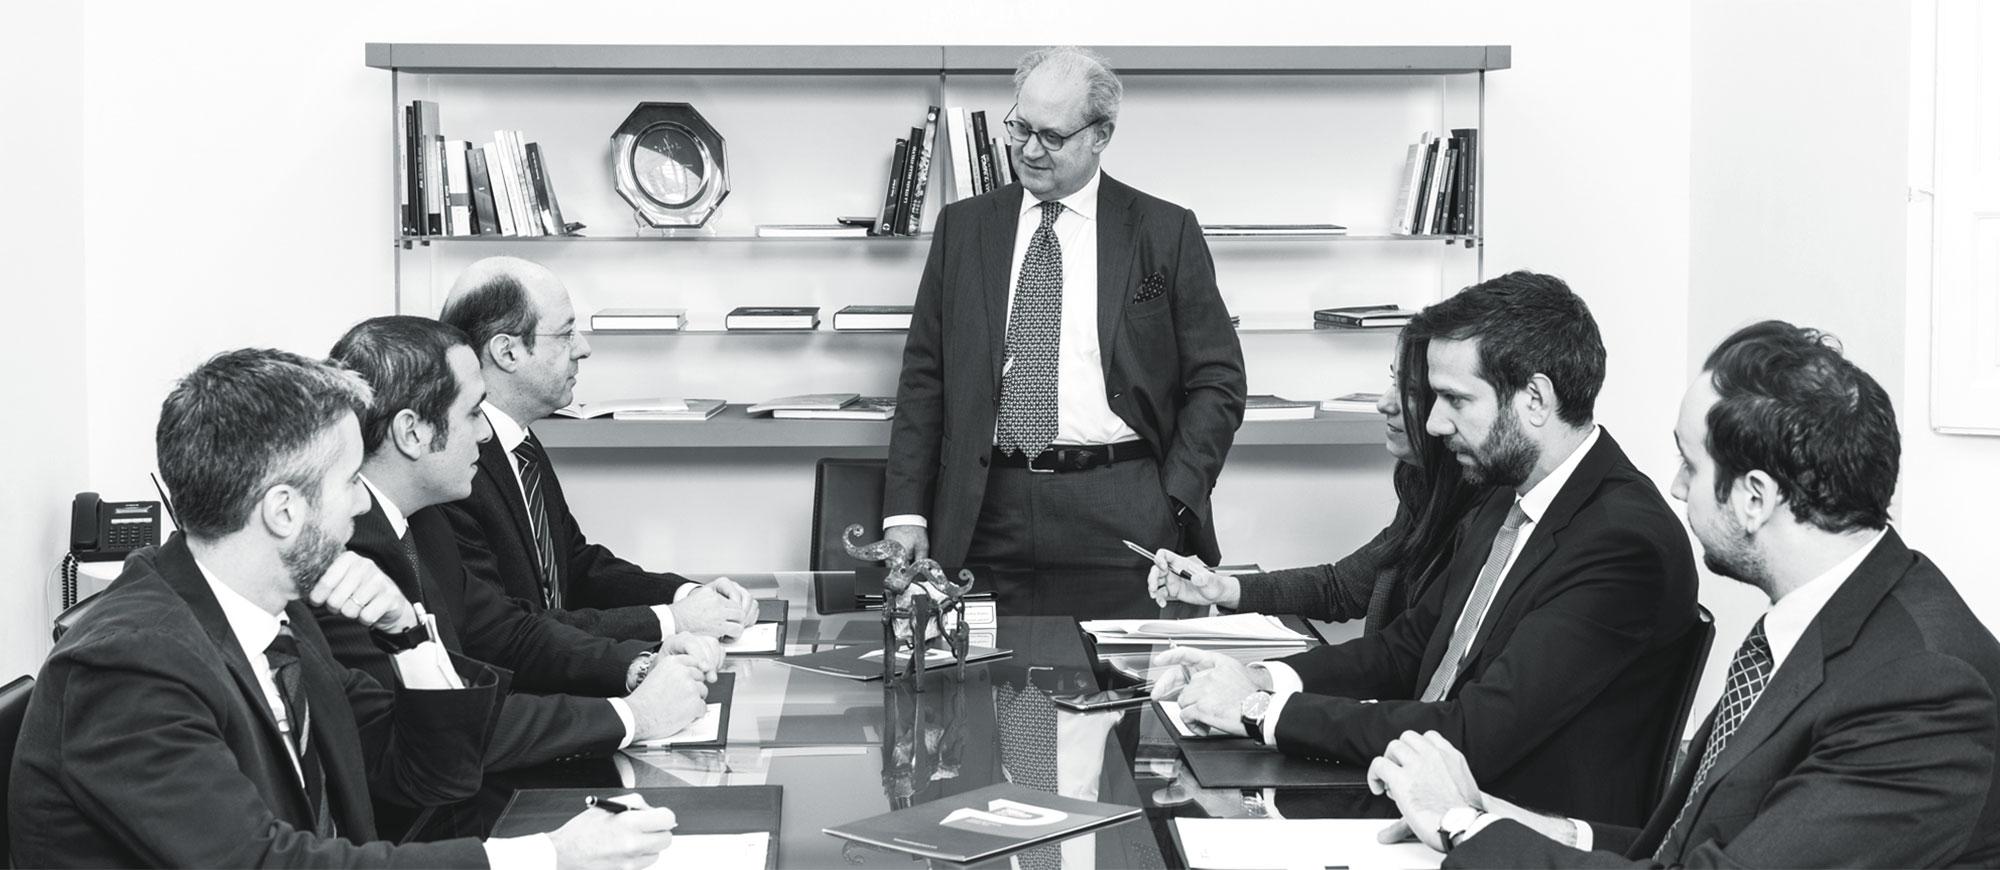 Piselli and Partners studio legale Roma dipartimento contrattualistica pubblica - appalti